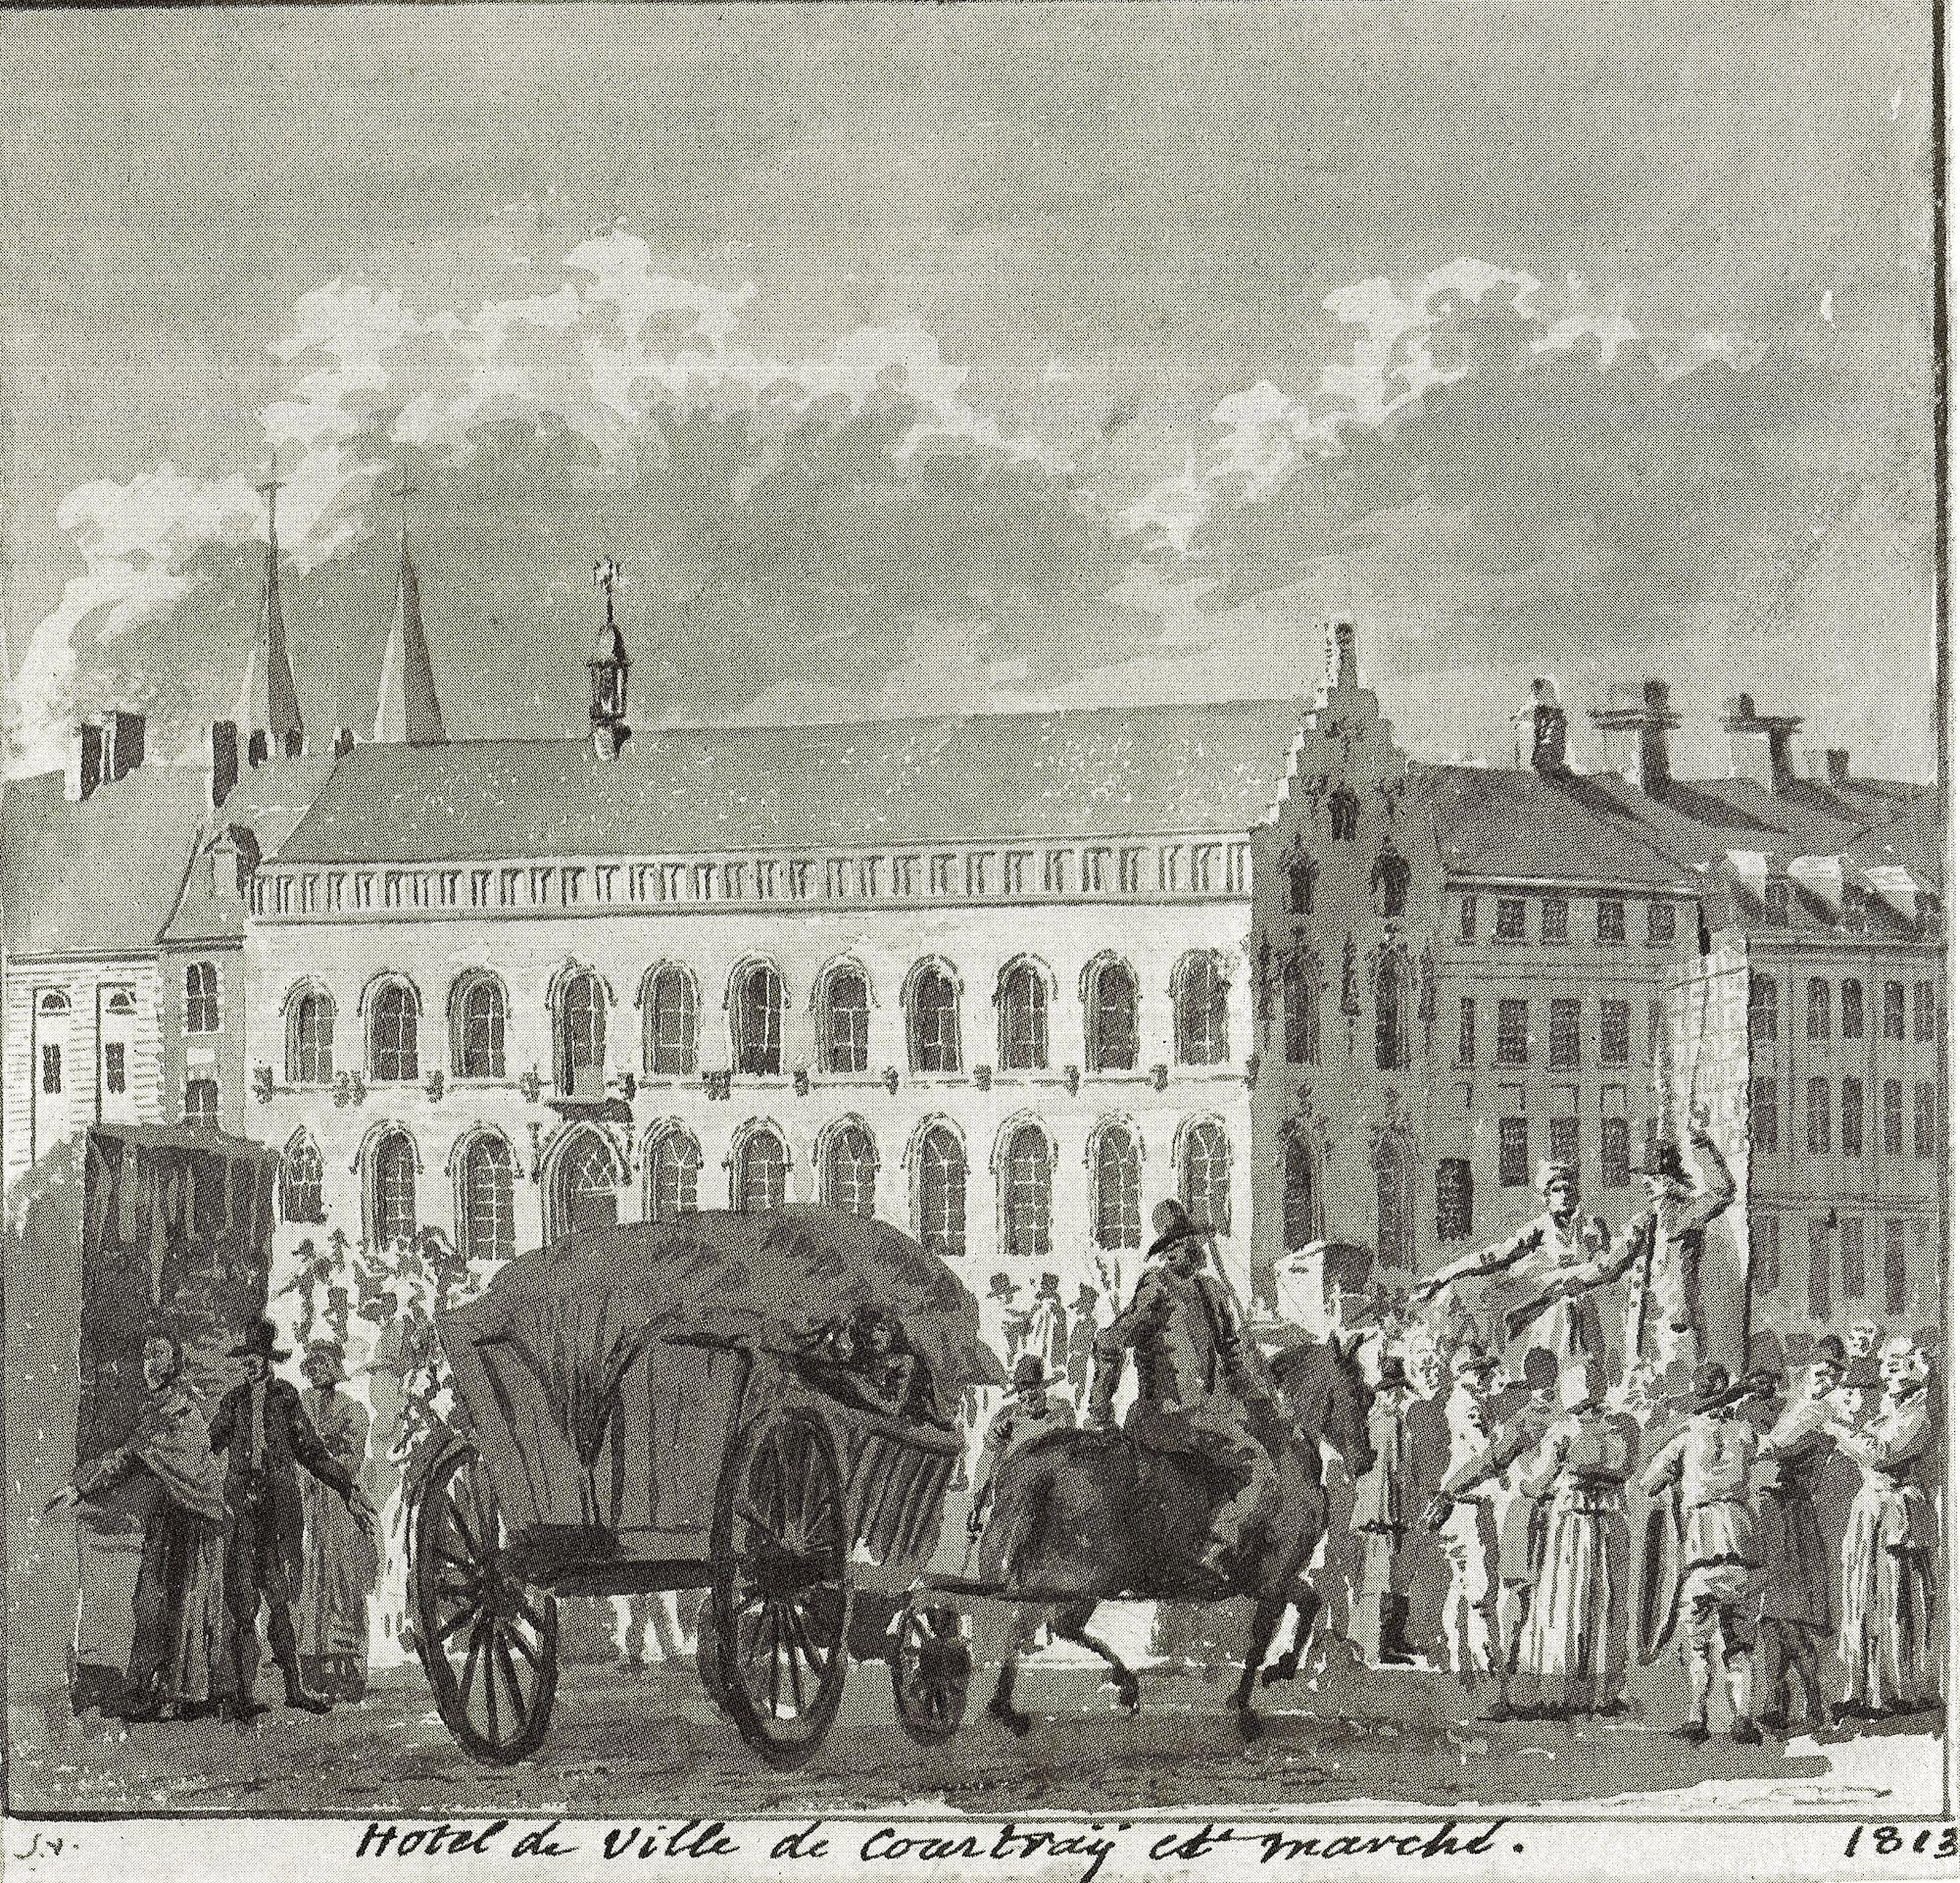 Stadhuis en Grote Markt 1813